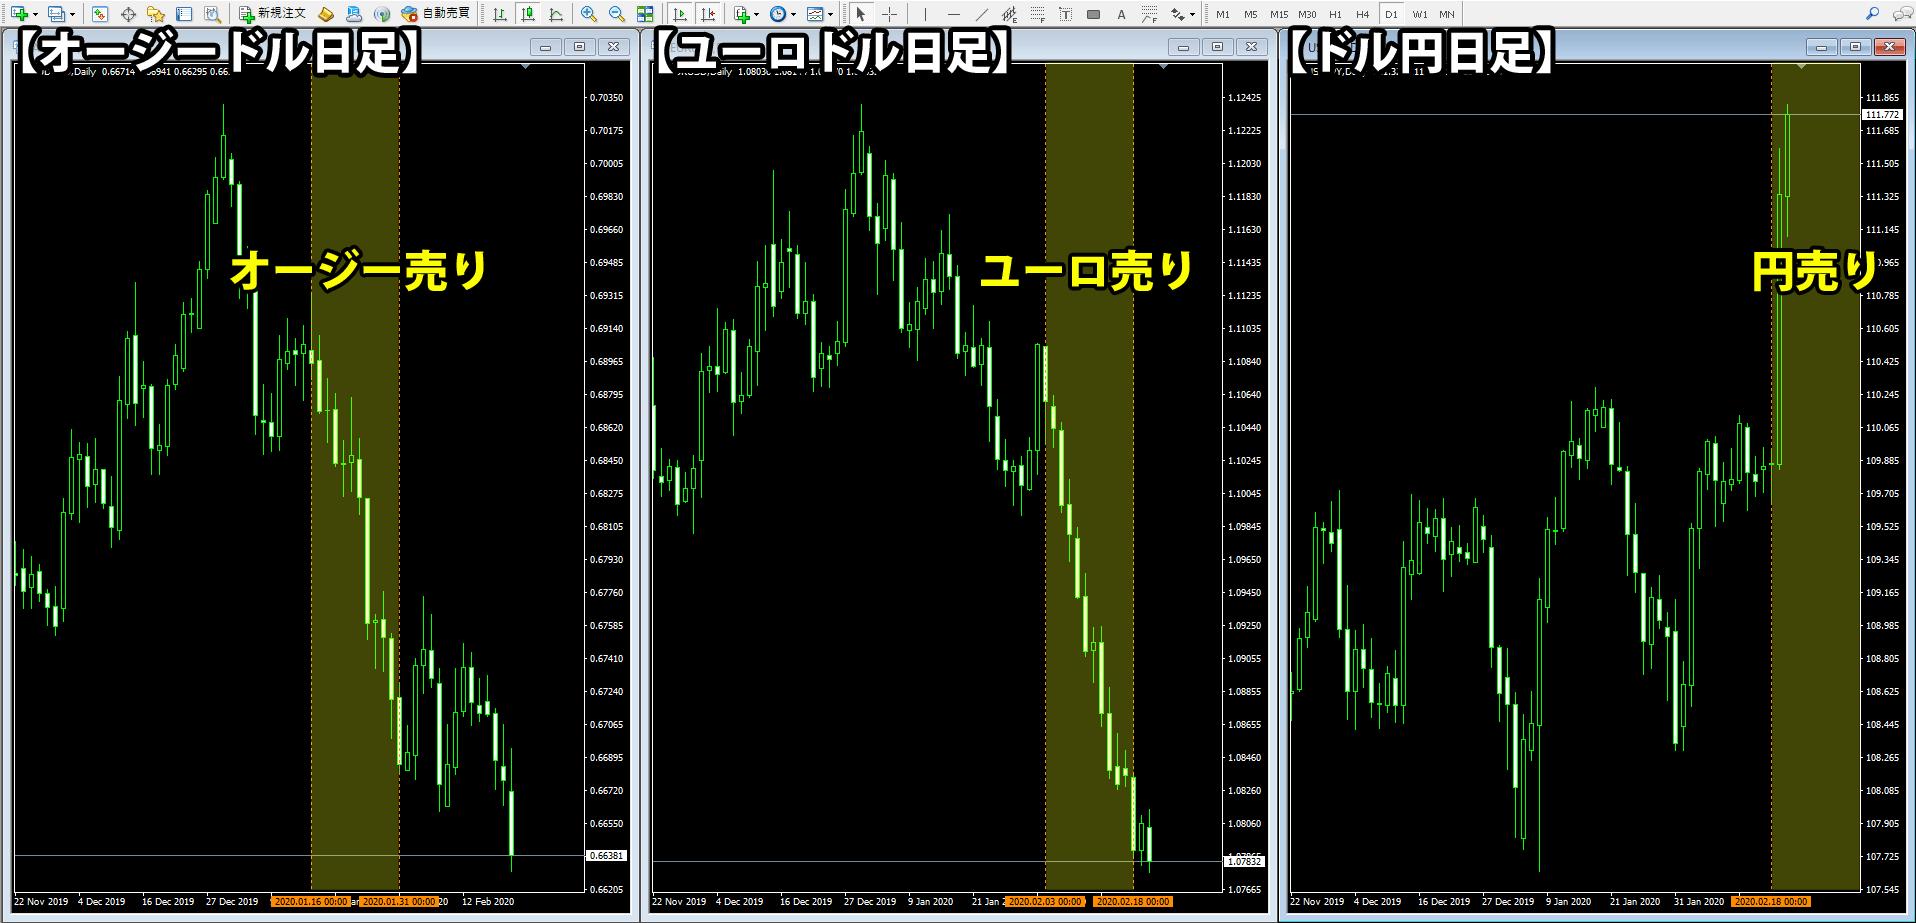 各通貨が売られるタイミングの差